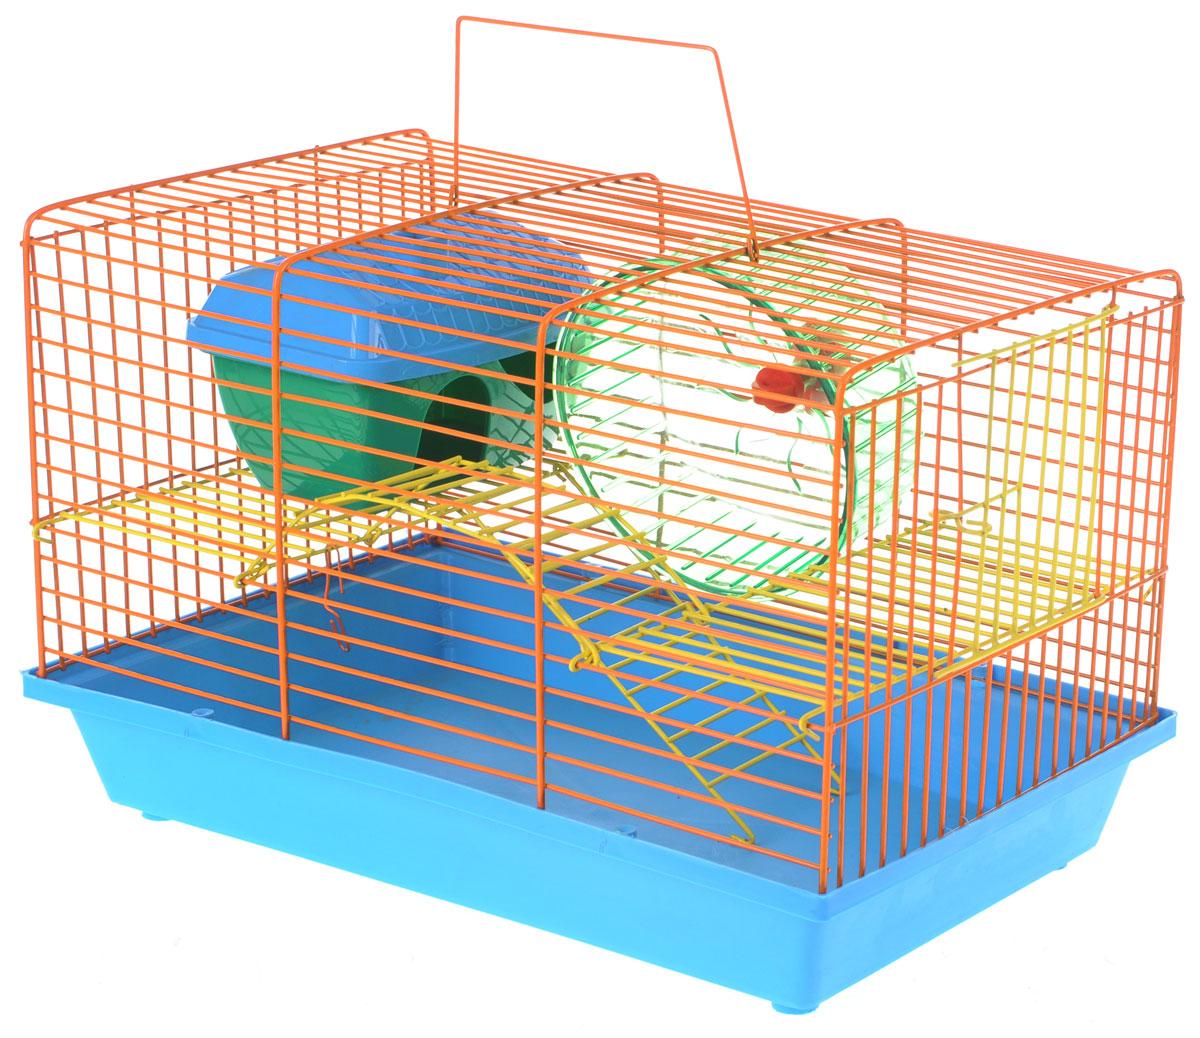 Клетка для грызунов Зоомарк Венеция, 2-этажная, цвет: голубой поддон, оранжевая решетка, 36 х 23 х 24 см145кСОКлетка Зоомарк Венеция, выполненная из полипропилена и металла, подходит для мелких грызунов. Изделие двухэтажное, оборудовано колесом для подвижных игр и пластиковым домиком. Клетка имеет яркий поддон, удобна в использовании и легко чистится. Сверху имеется ручка для переноски. Такая клетка станет уединенным личным пространством и уютным домиком для маленького грызуна.